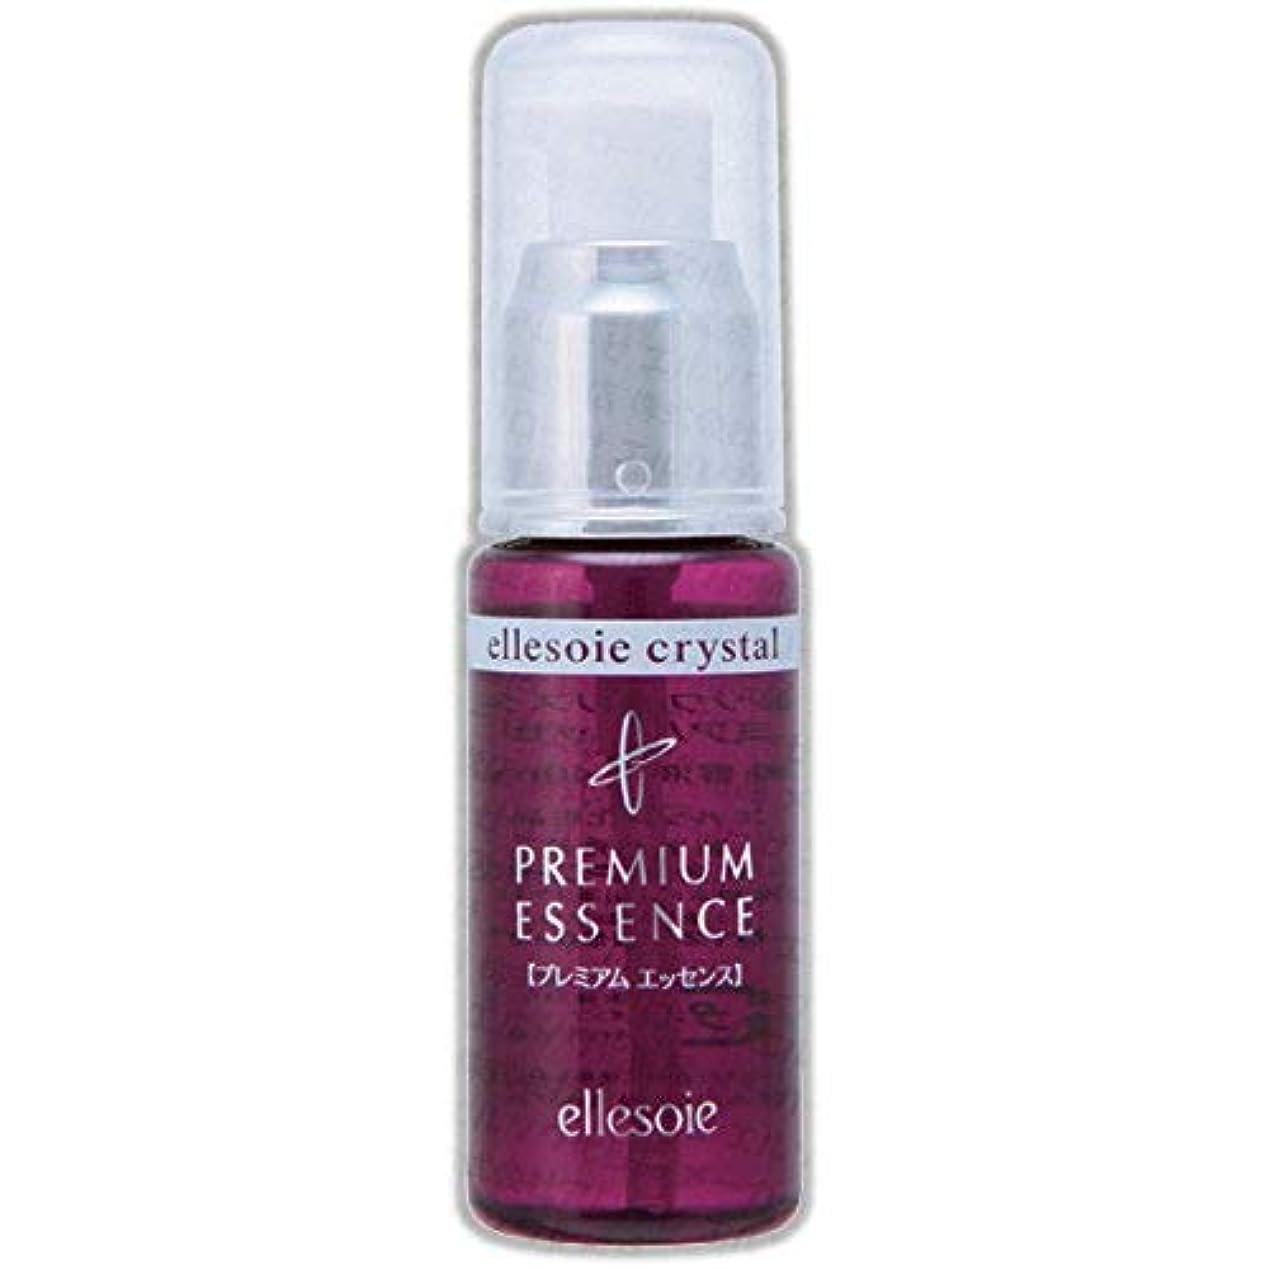 緊張快適グレートバリアリーフエルソワ化粧品(ellesoie) クリスタル プレミアムエッセンス 美容液